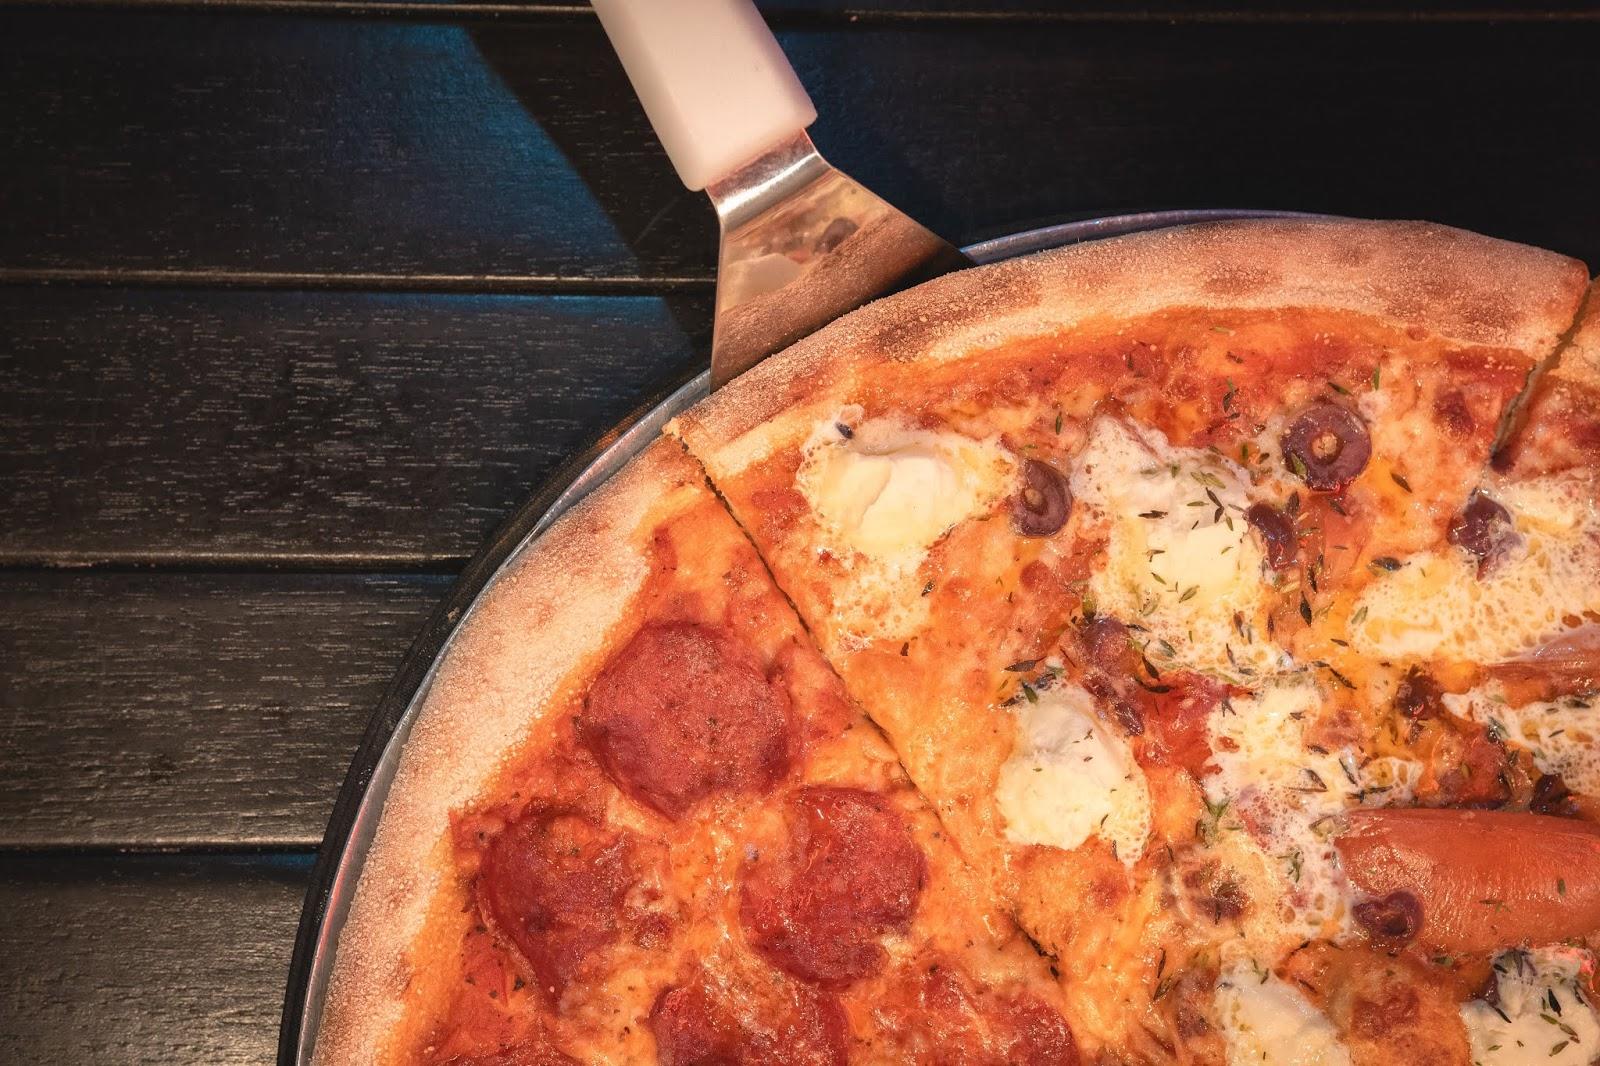 بيتزا,بيتزا النقانق,بيتزا هت,بيتزا بالنقانق,النقانق,بيتزا بيتزا,بيتزا ايطالية,طريقة عمل البيتزا بالنقانق,طريقة عمل,بيتزا سهلة التحضير,وصفات,بيتزا سريعة,البيتزا الايطالى,بيتزا المطاعم,بيتزا البطاطس,طريقة,وصفة,معجنات,عجينة بيتزا هت,ميني بيتزا